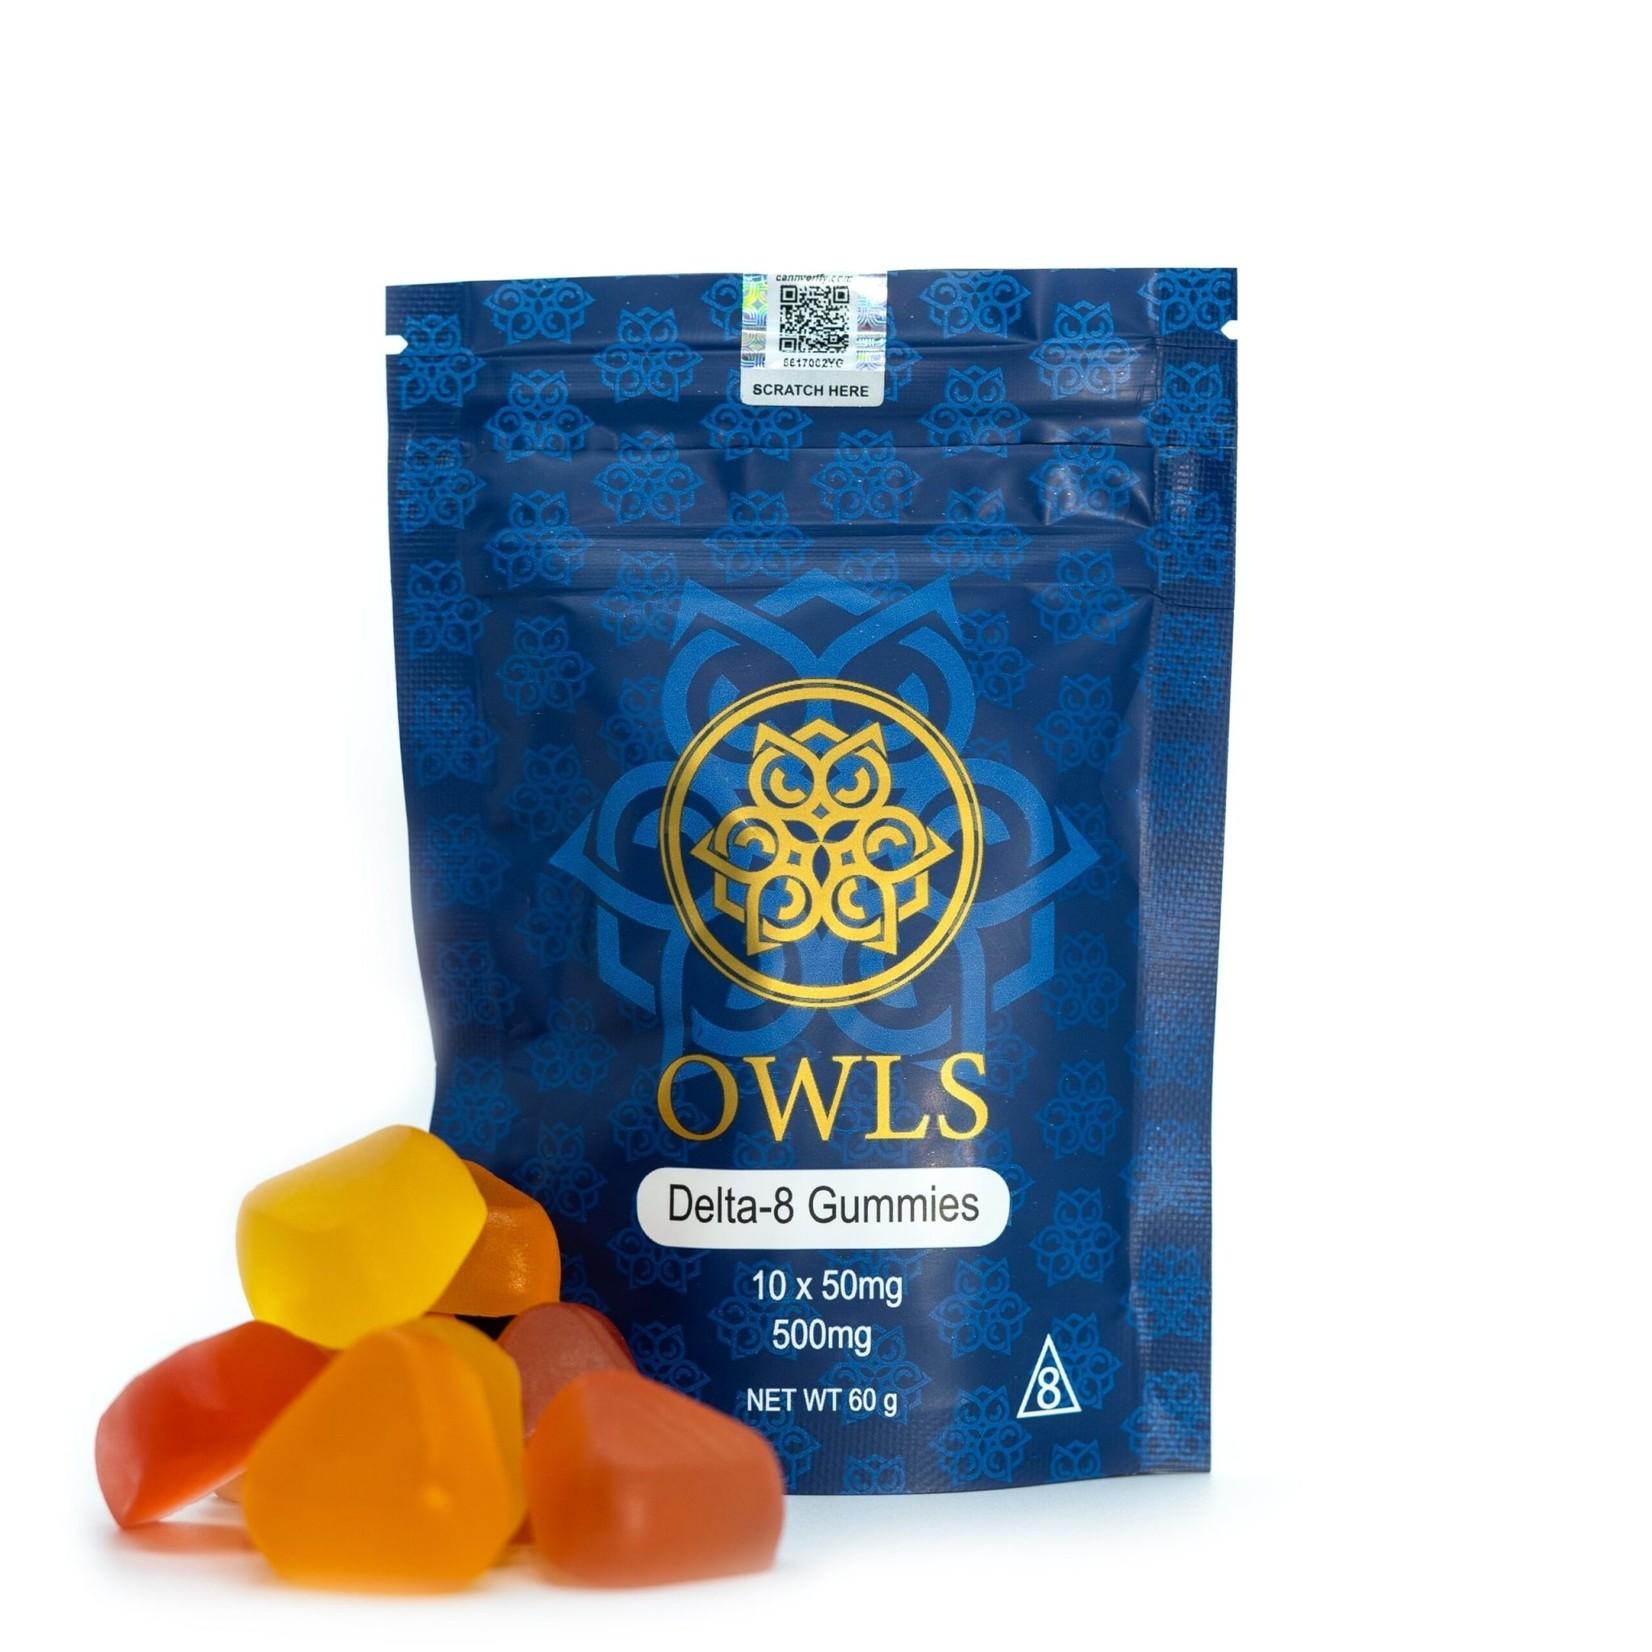 Owls Delta 8 Gummies 500mg